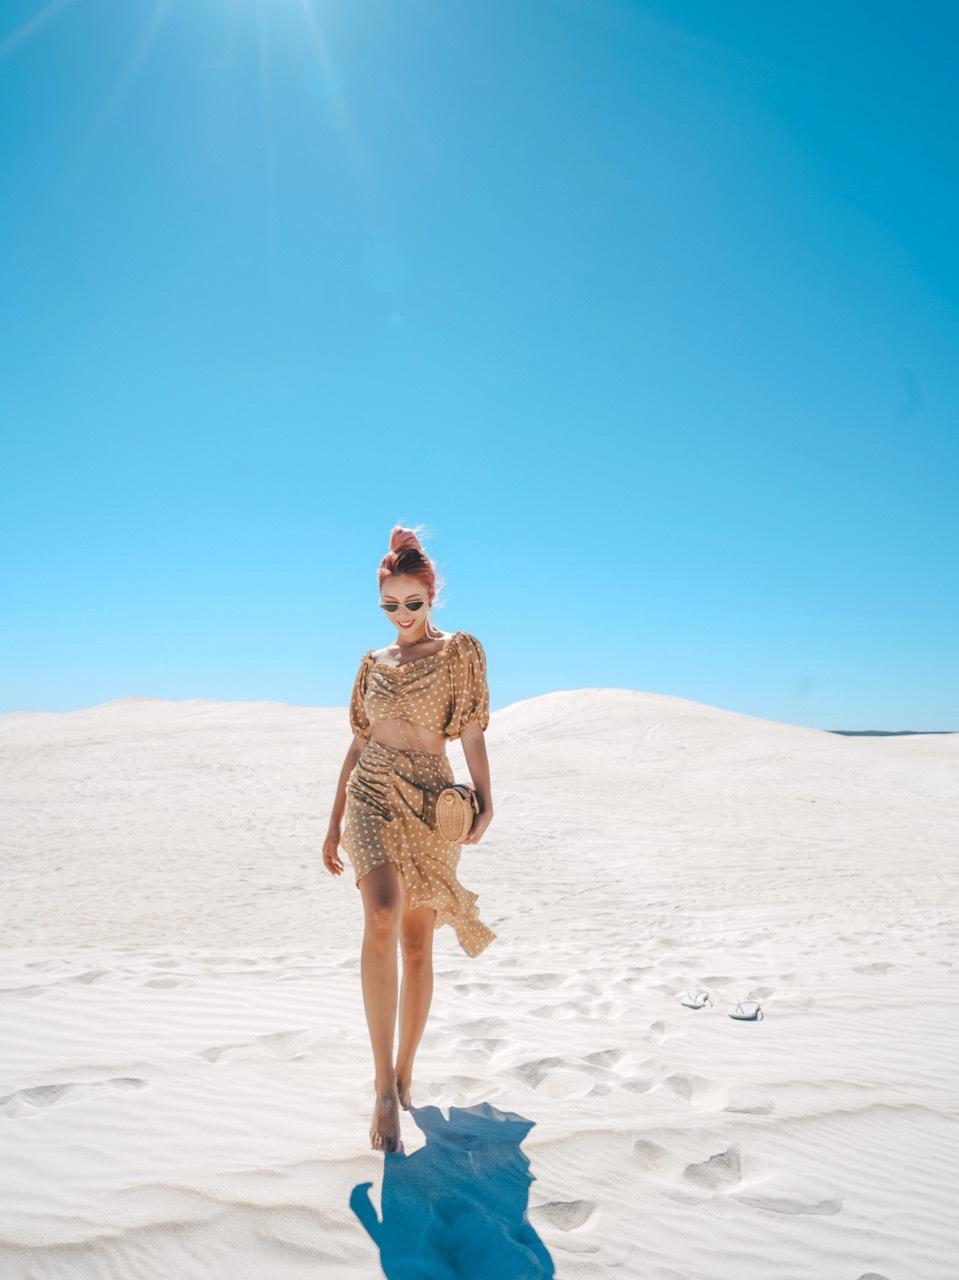 在沙漠旅行当然要穿仙仙的黄色裙子。整体和谐又有对比。 波点的图案再适合不过度假了。拿一个fv的草编包,立马大片感就出来了。对了要抓住风吹过裙子的感觉哦,特别是小麦色的妹子!#Outing出游季look大全#